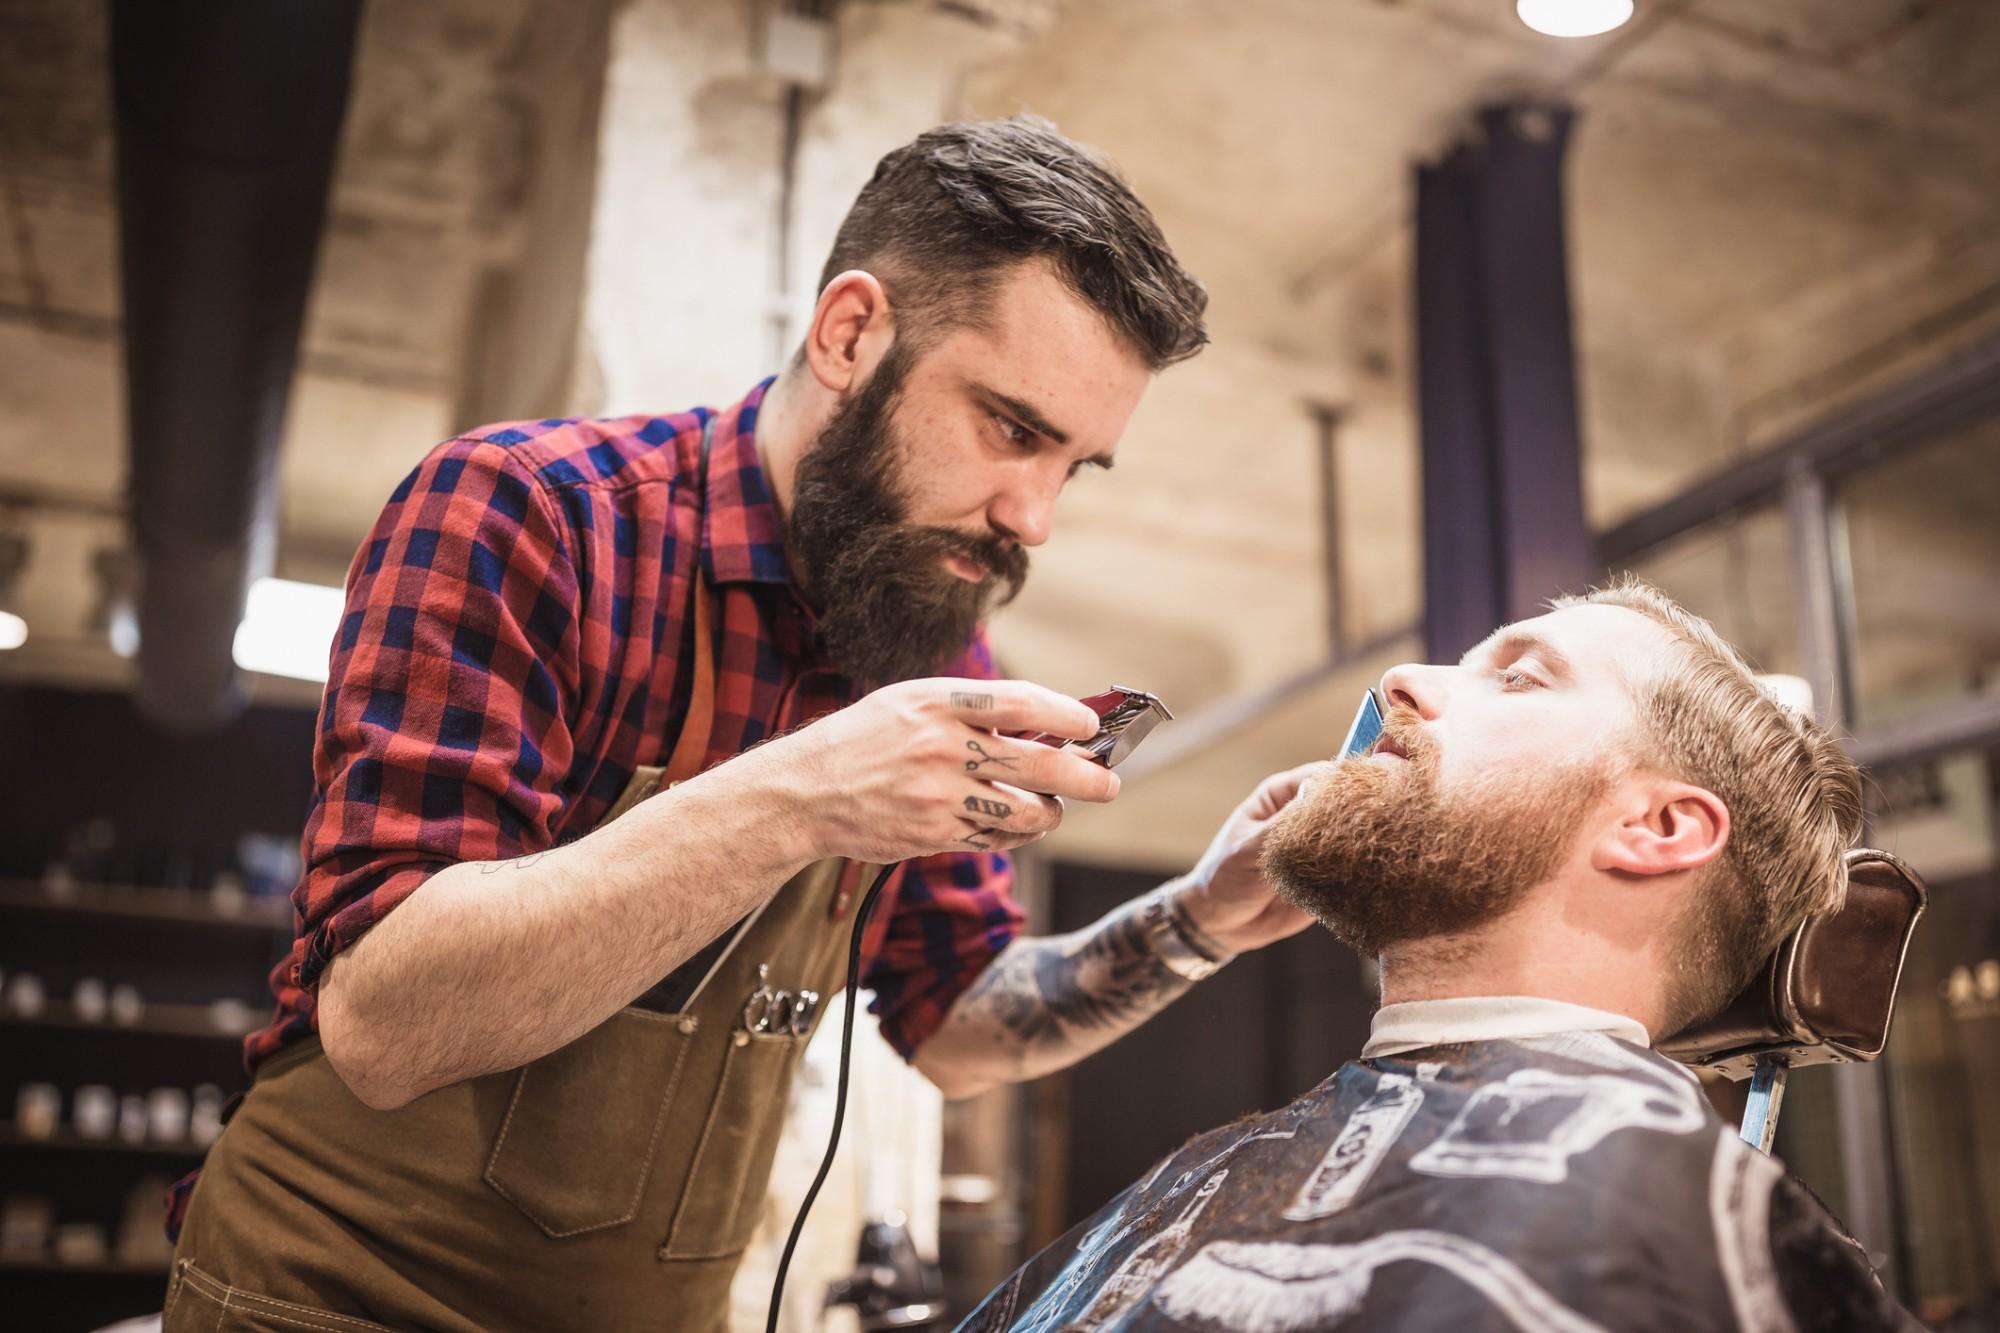 5 cuidados com a barba para a rotina do dia a dia